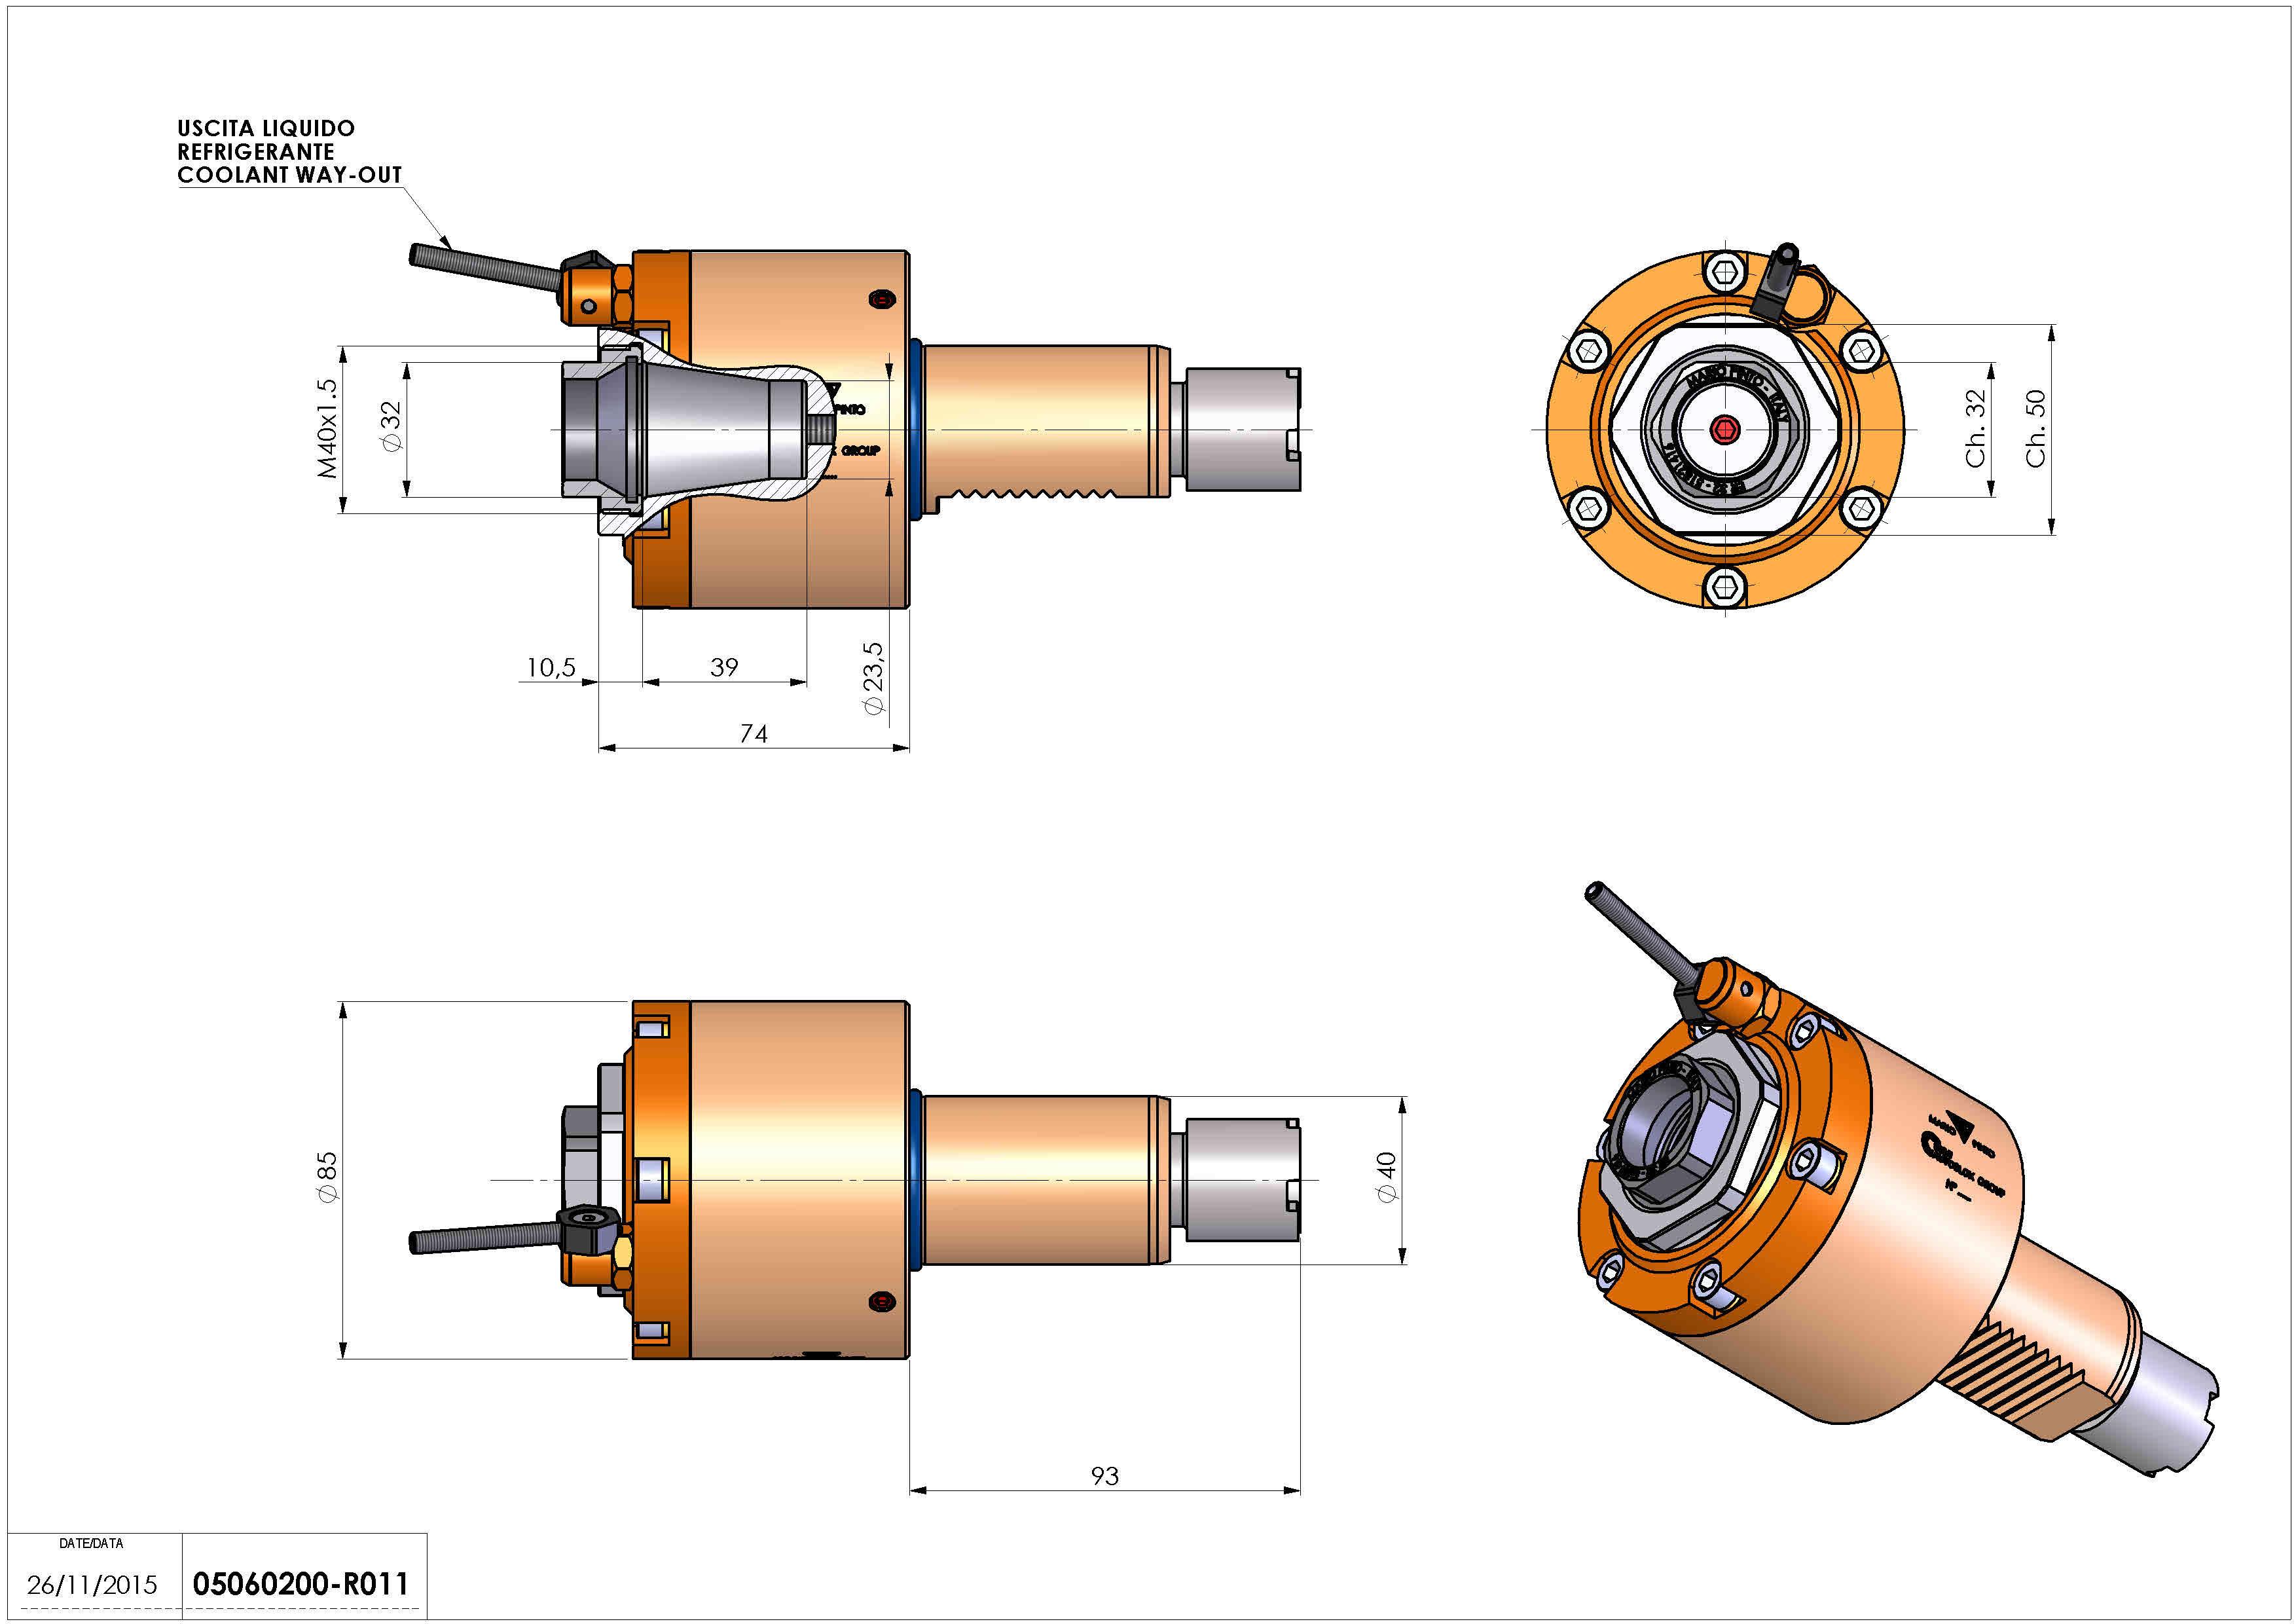 Technical image - LT-S VDI40 ER32F H74 OK.